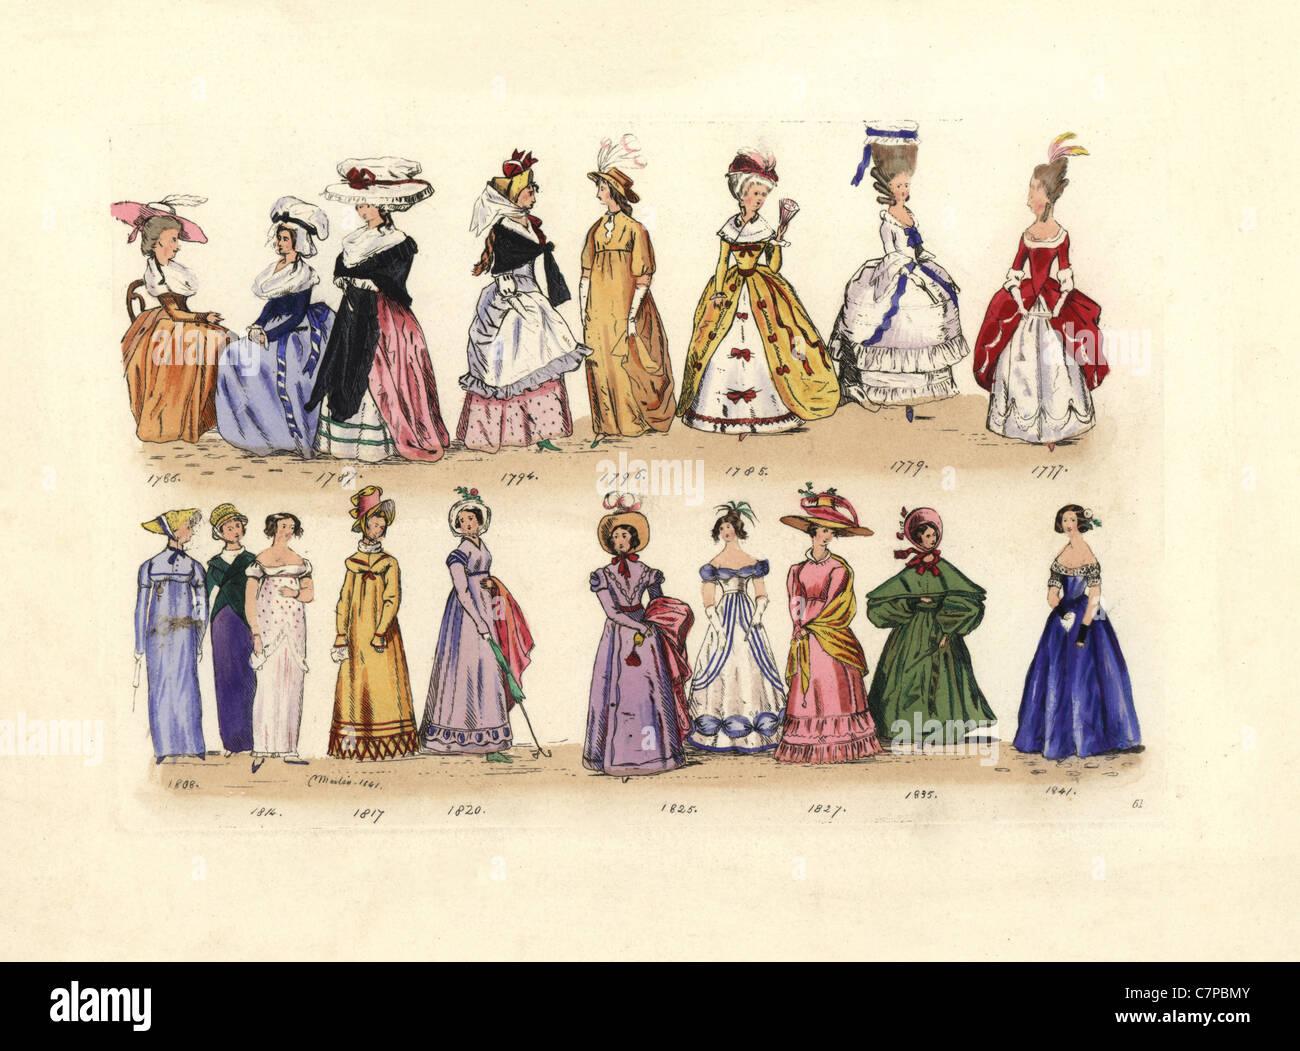 Le donne della moda da 1786 a 1841, regna di George III a Victoria, da libri tascabili, Ladies' riviste, etc. Immagini Stock